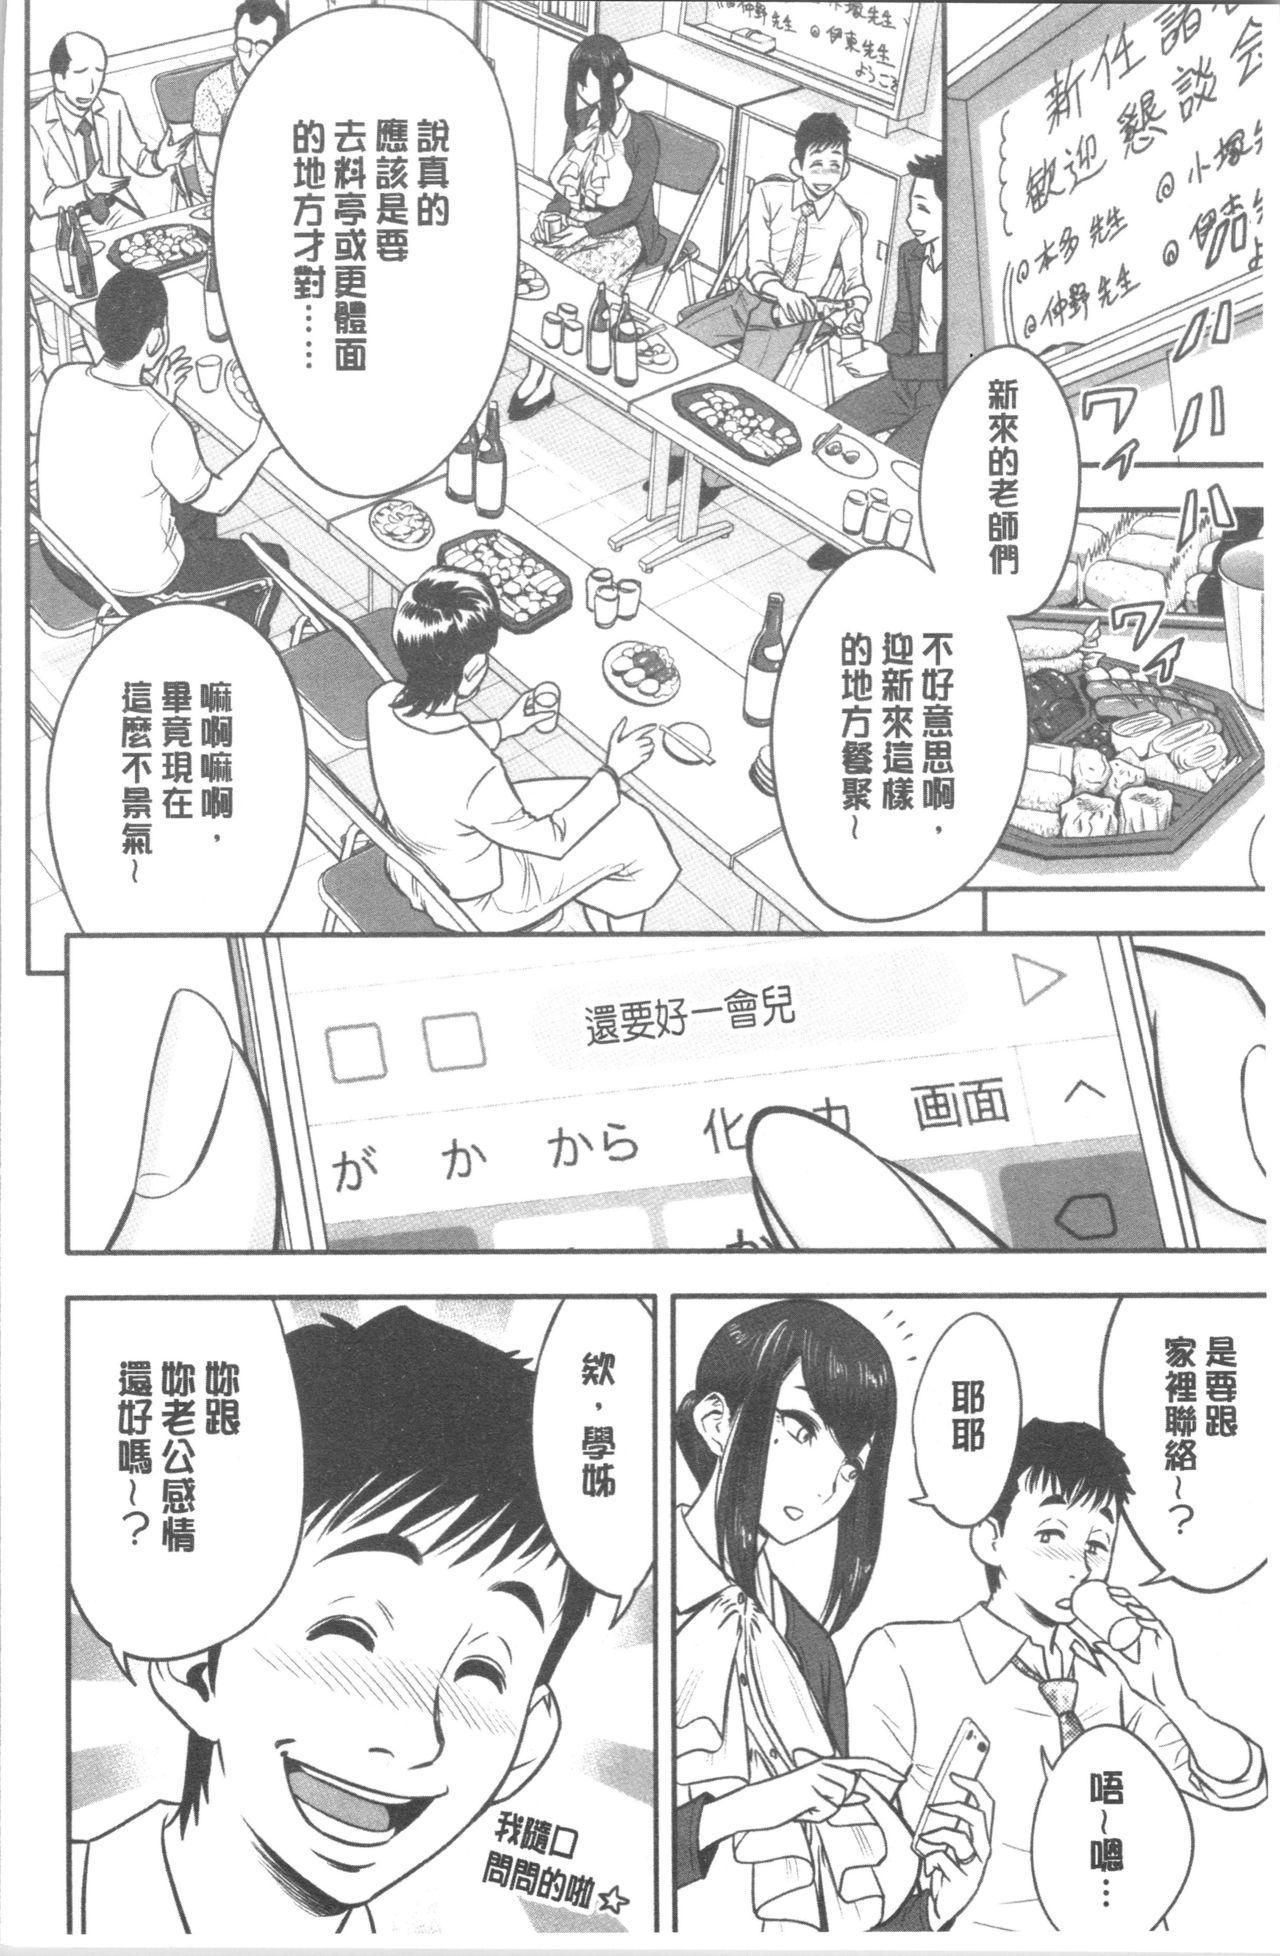 [Tatsunami Youtoku] Dankon Sousai -Hitozuma Kyoushi ga Netorareru made no Kiroku- | 男根想妻 -人妻女教師被寢取偷吃為止的記錄- [Chinese] 8